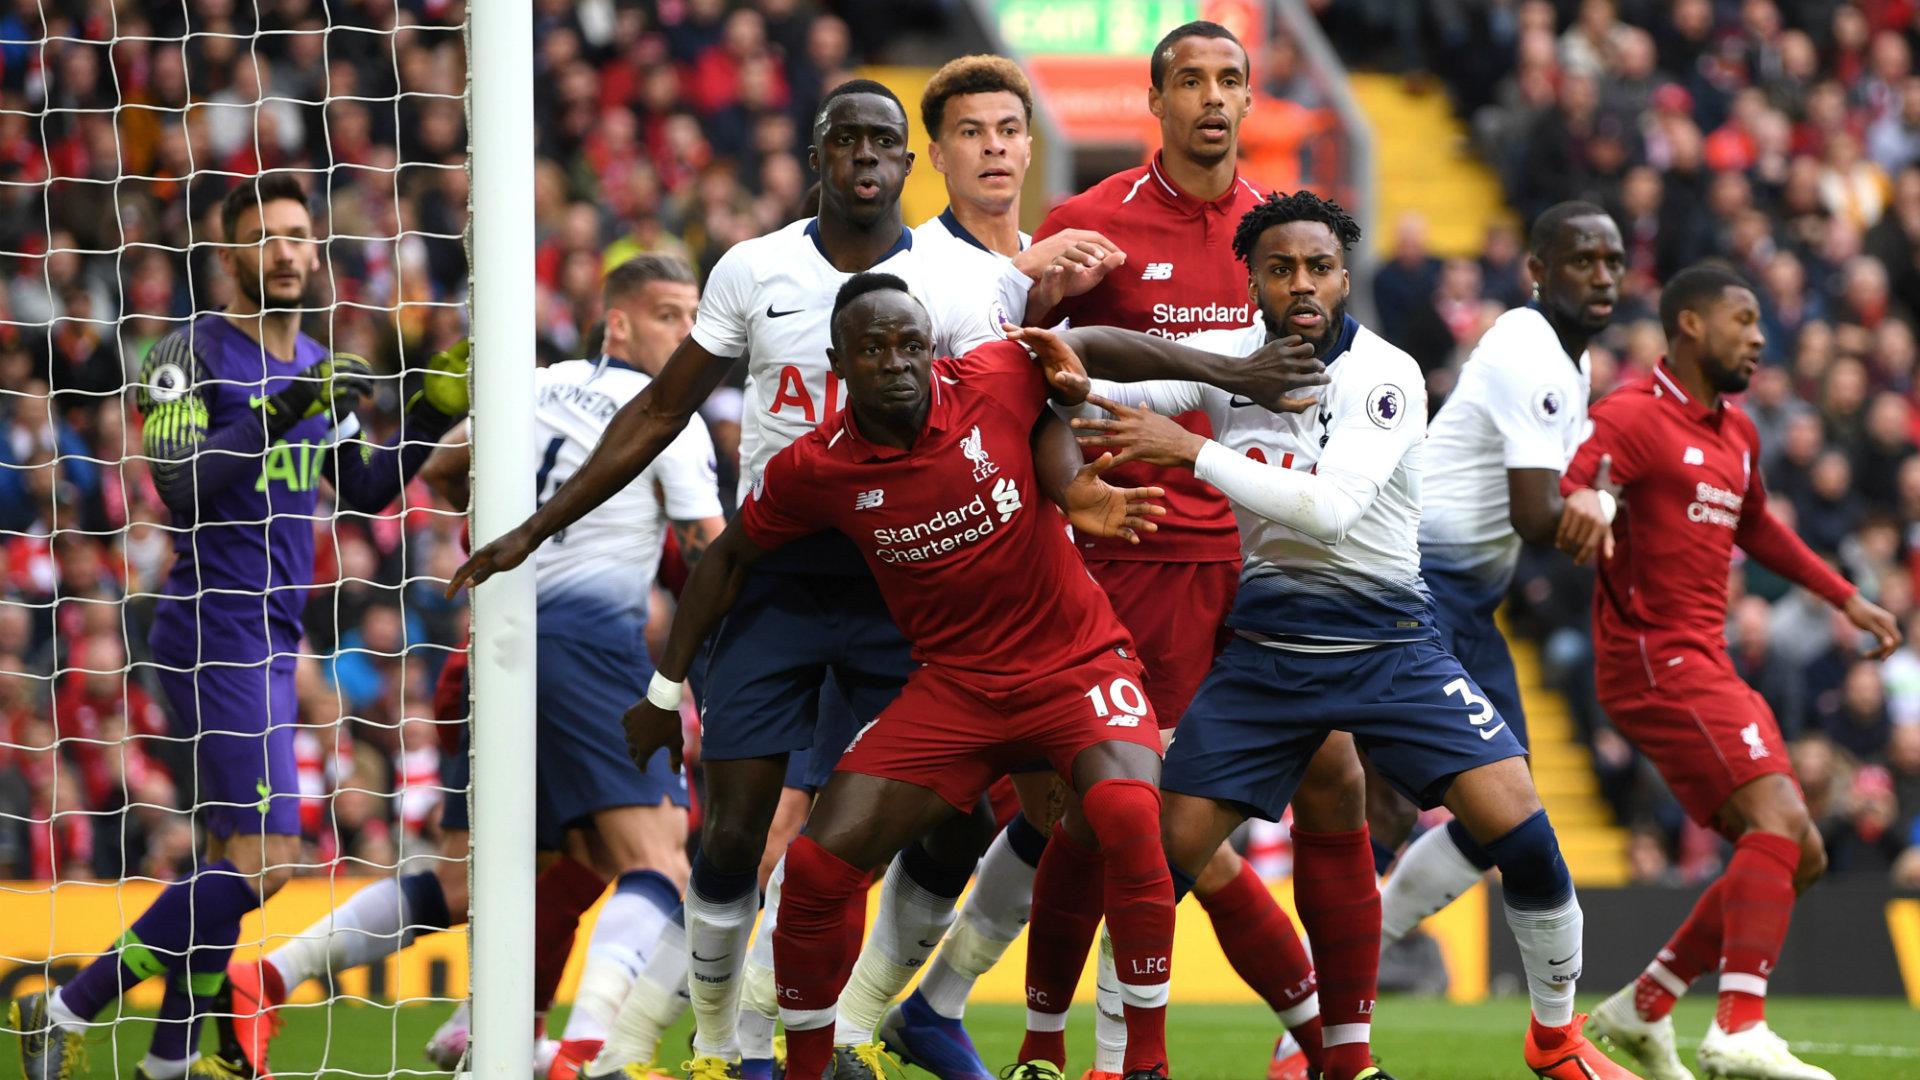 Liverpool vs Tottenham Premier League 2018-19